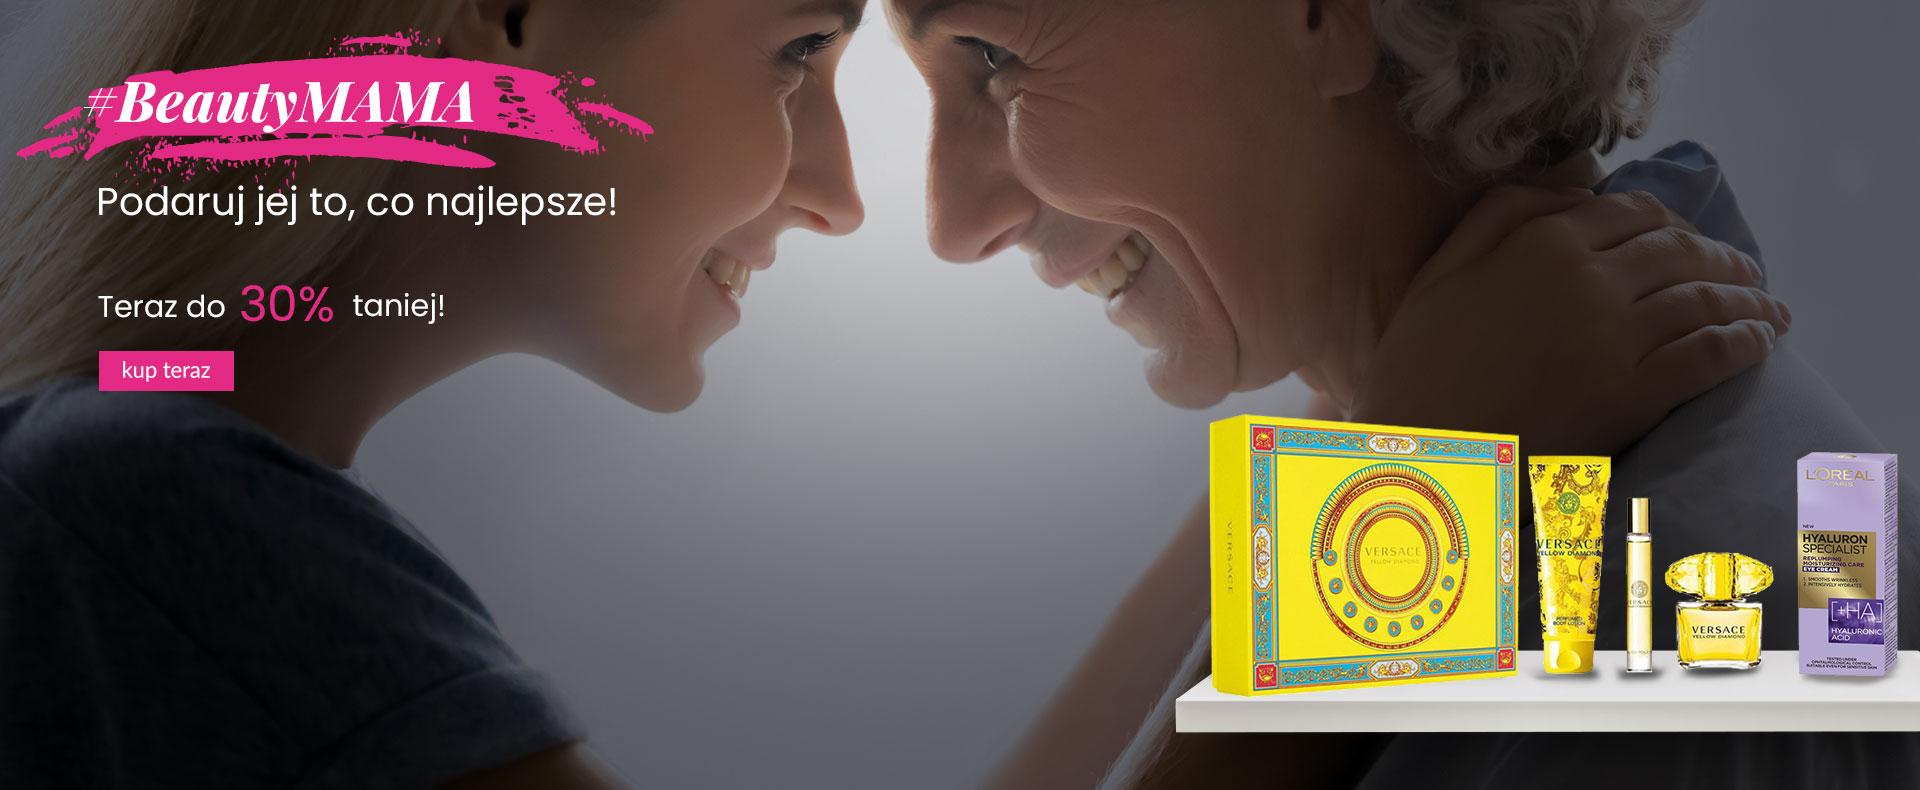 Ezebra: do 30% zniżki na kosmetyki z okazji Dnia Mamy